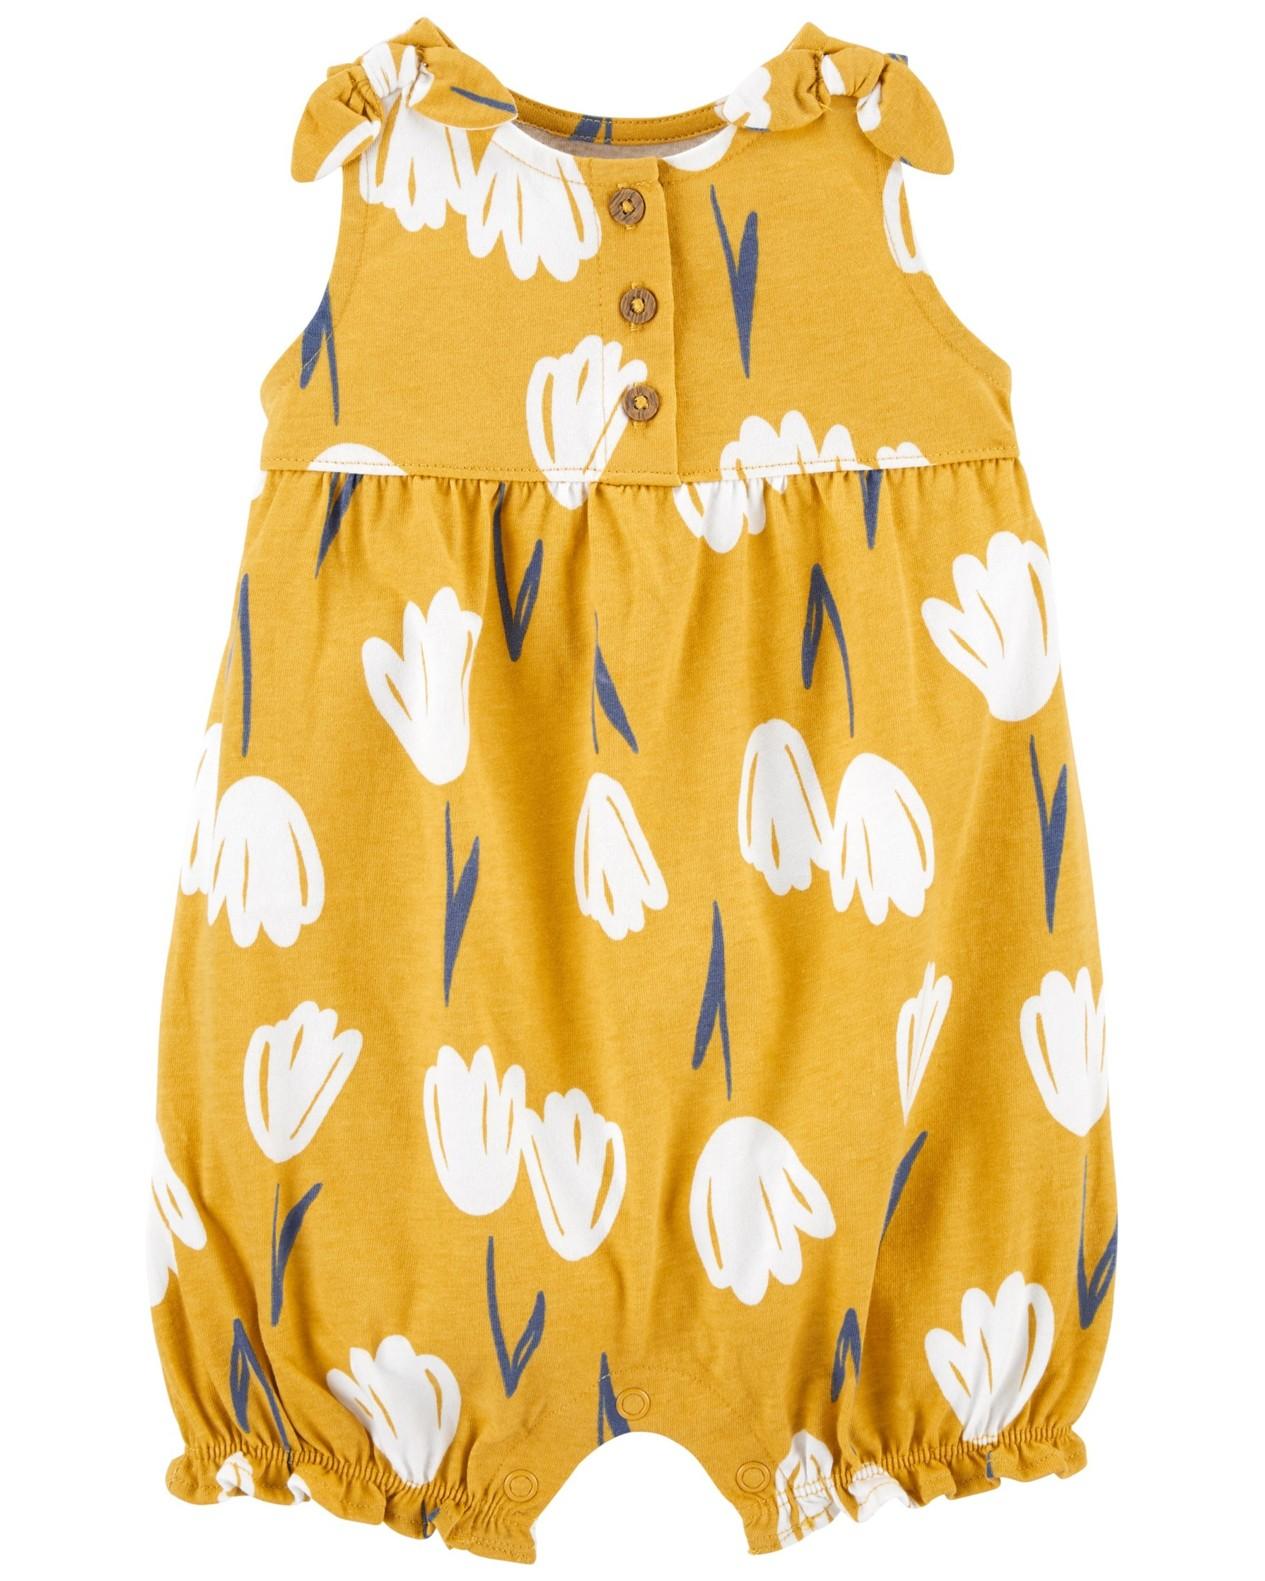 CARTER'S Overal bez rukávov Yellow Floral dievča 6 m, veľ. 68